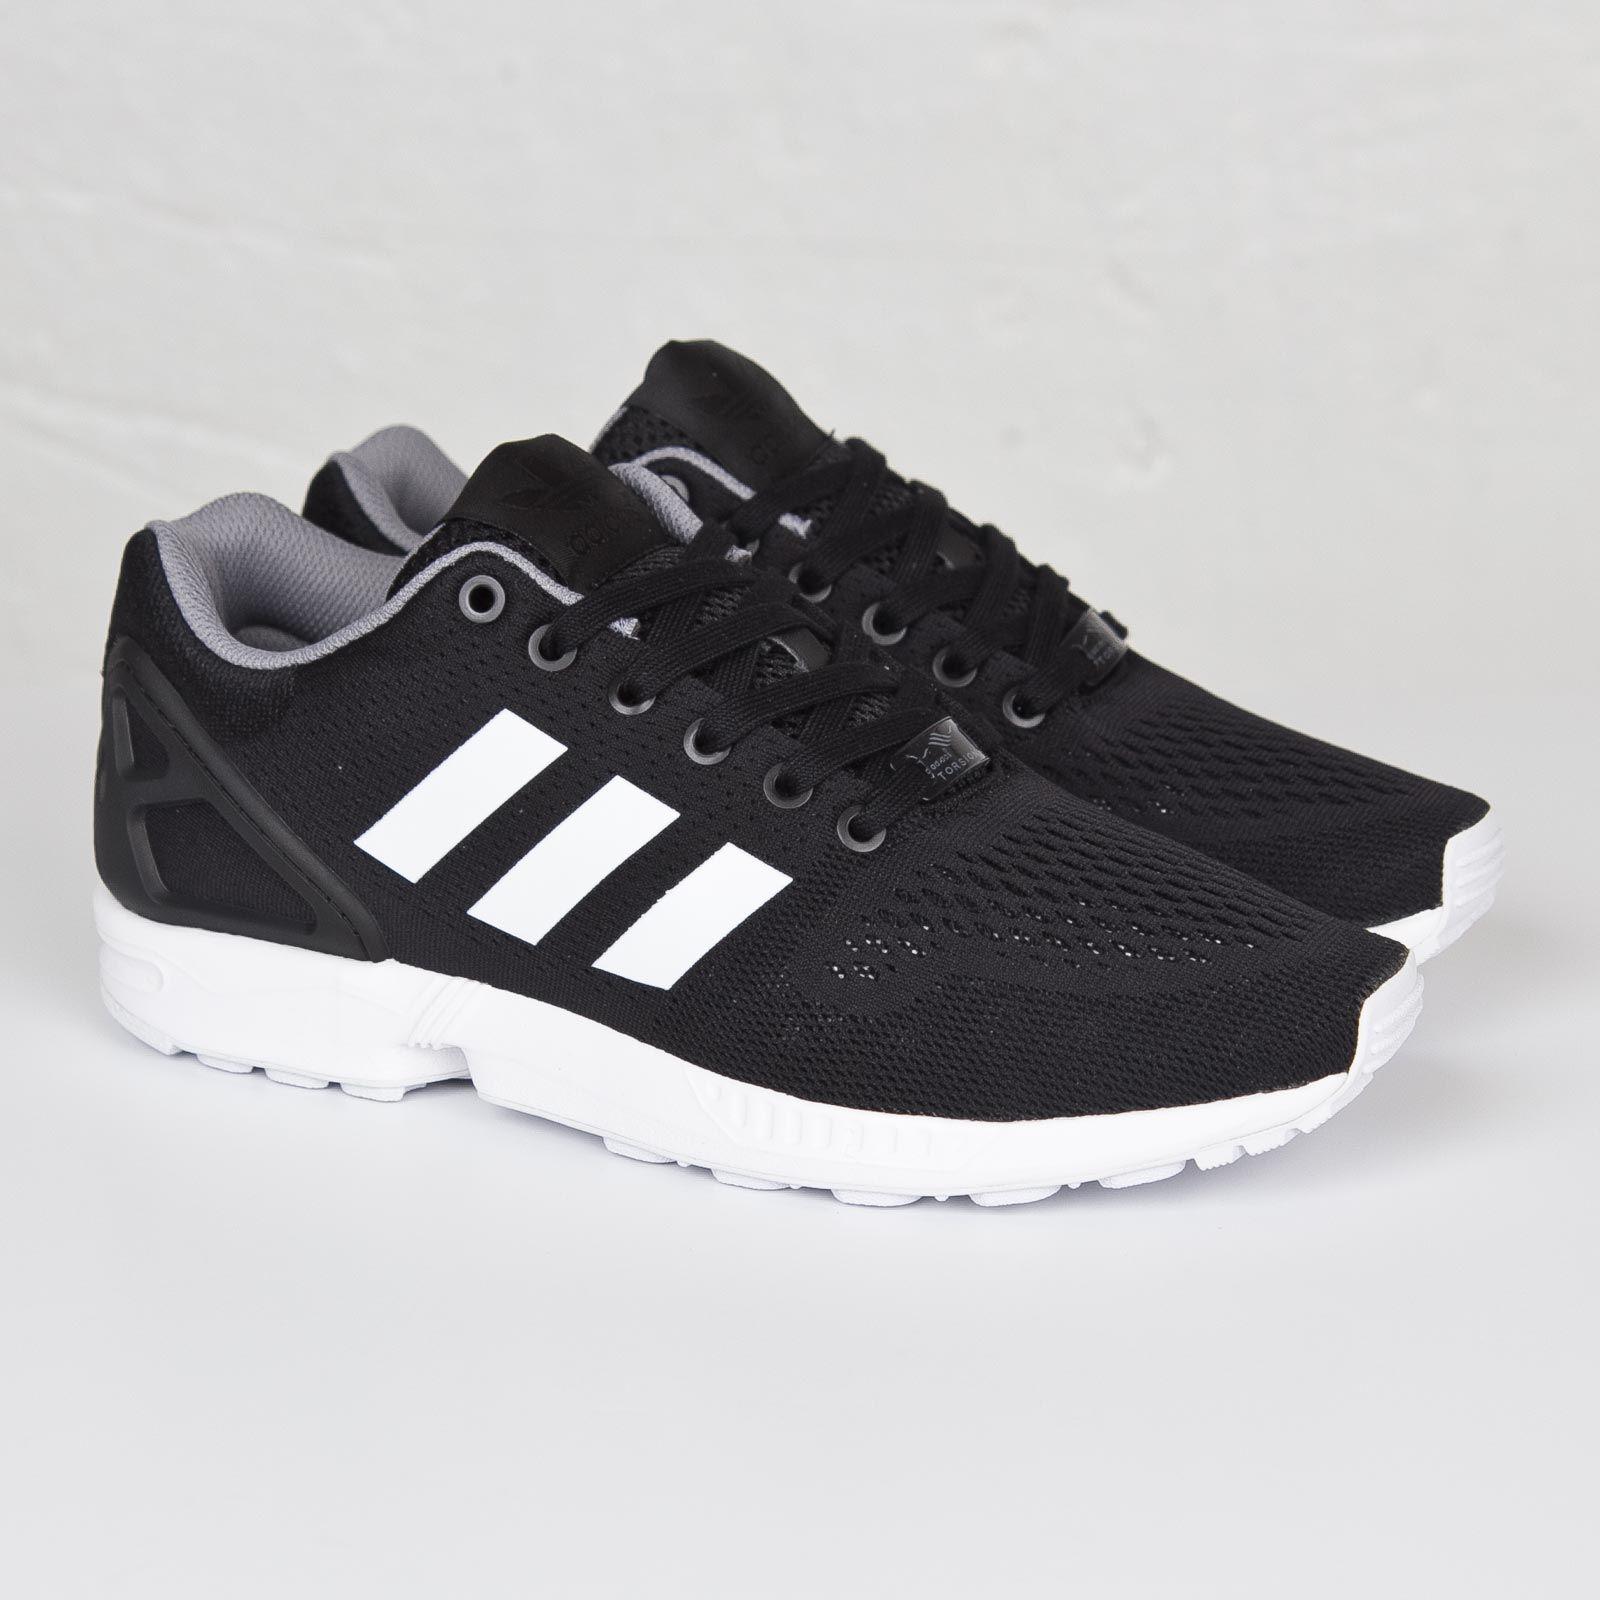 Adidas ZX vita